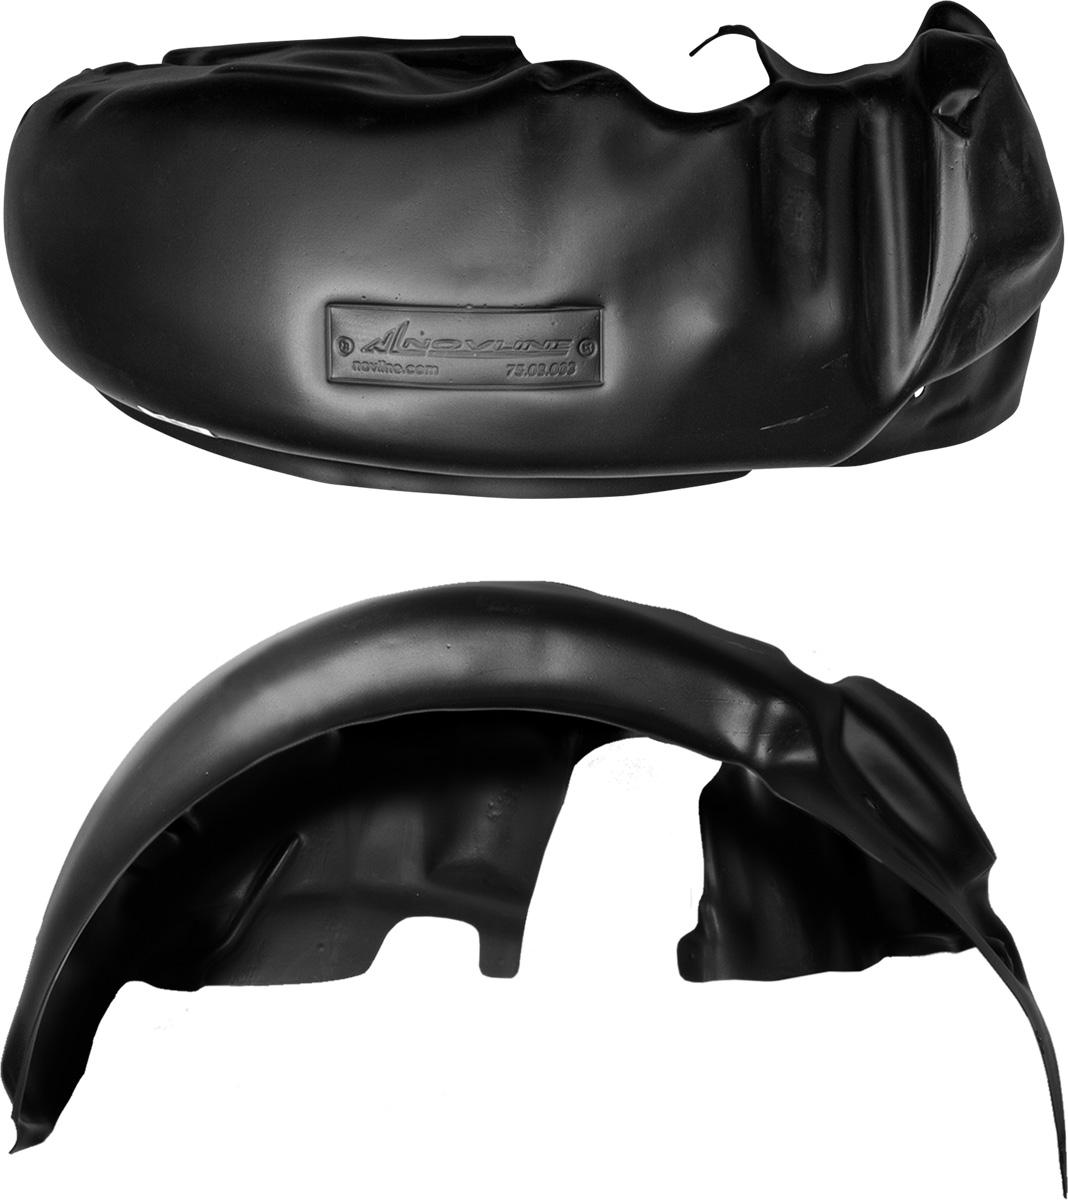 Подкрылок Novline-Autofamily, для Mitsubishi ASX, 2010-2013, 2013->, передний левыйK100Колесные ниши - одни из самых уязвимых зон днища вашего автомобиля. Они постоянно подвергаются воздействию со стороны дороги. Лучшая, почти абсолютная защита для них - специально отформованные пластиковые кожухи, которые называются подкрылками. Производятся они как для отечественных моделей автомобилей, так и для иномарок. Подкрылки Novline-Autofamily выполнены из высококачественного, экологически чистого пластика. Обеспечивают надежную защиту кузова автомобиля от пескоструйного эффекта и негативного влияния, агрессивных антигололедных реагентов. Пластик обладает более низкой теплопроводностью, чем металл, поэтому в зимний период эксплуатации использование пластиковых подкрылков позволяет лучше защитить колесные ниши от налипания снега и образования наледи. Оригинальность конструкции подчеркивает элегантность автомобиля, бережно защищает нанесенное на днище кузова антикоррозийное покрытие и позволяет осуществить крепление подкрылков внутри колесной арки практически без дополнительного крепежа и сверления, не нарушая при этом лакокрасочного покрытия, что предотвращает возникновение новых очагов коррозии. Подкрылки долговечны, обладают высокой прочностью и сохраняют заданную форму, а также все свои физико-механические характеристики в самых тяжелых климатических условиях (от -50°С до +50°С).Уважаемые клиенты!Обращаем ваше внимание, на тот факт, что подкрылок имеет форму, соответствующую модели данного автомобиля. Фото служит для визуального восприятия товара.